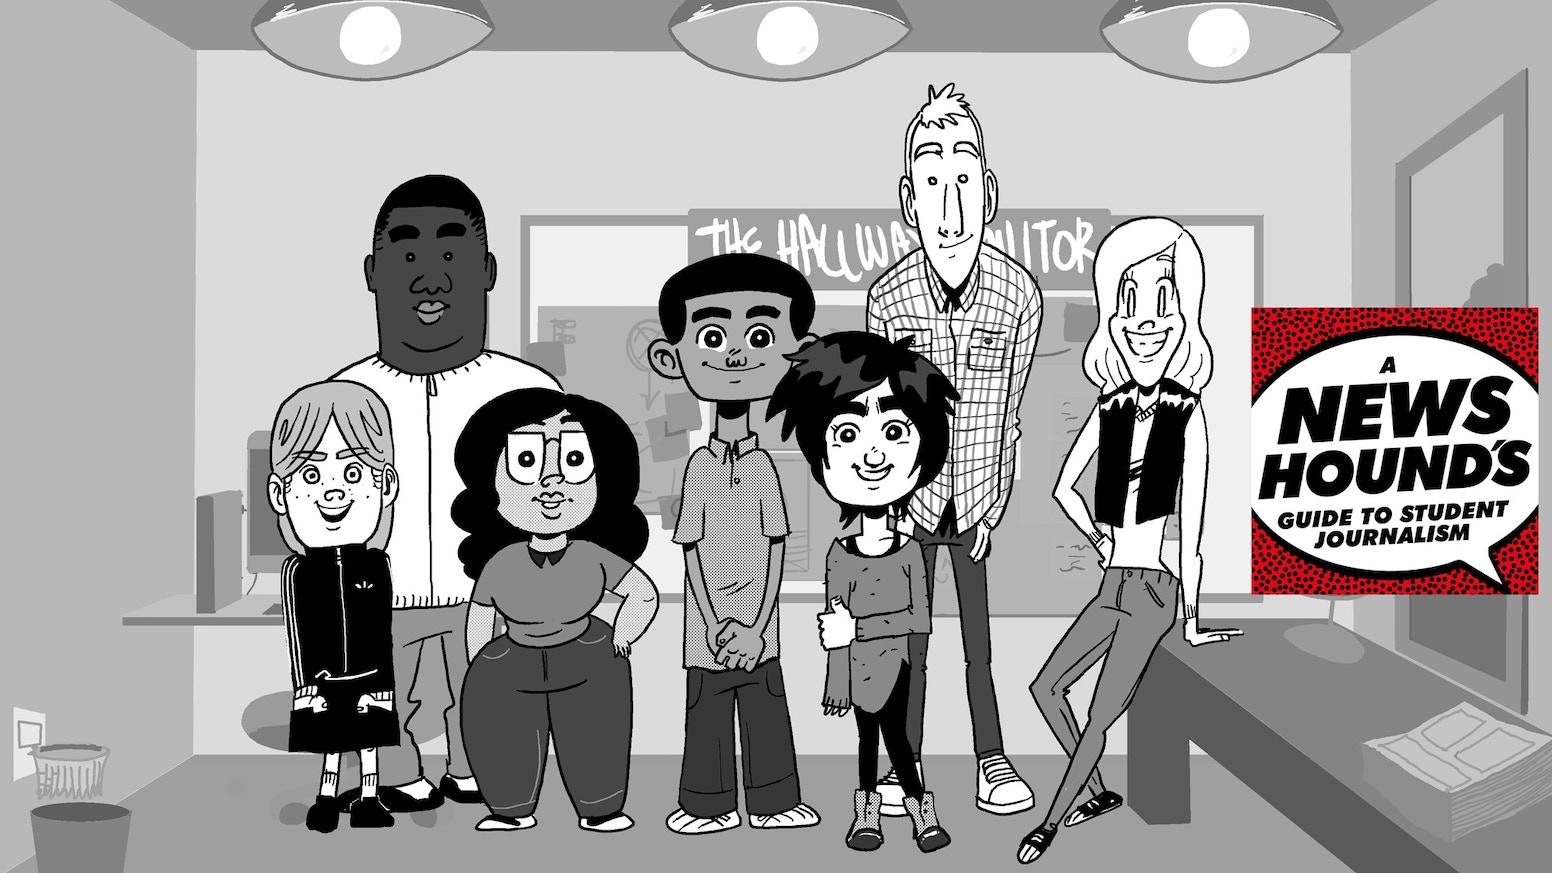 Учебник комикс запознава американските ученици с журналистиката и медийната грамотност